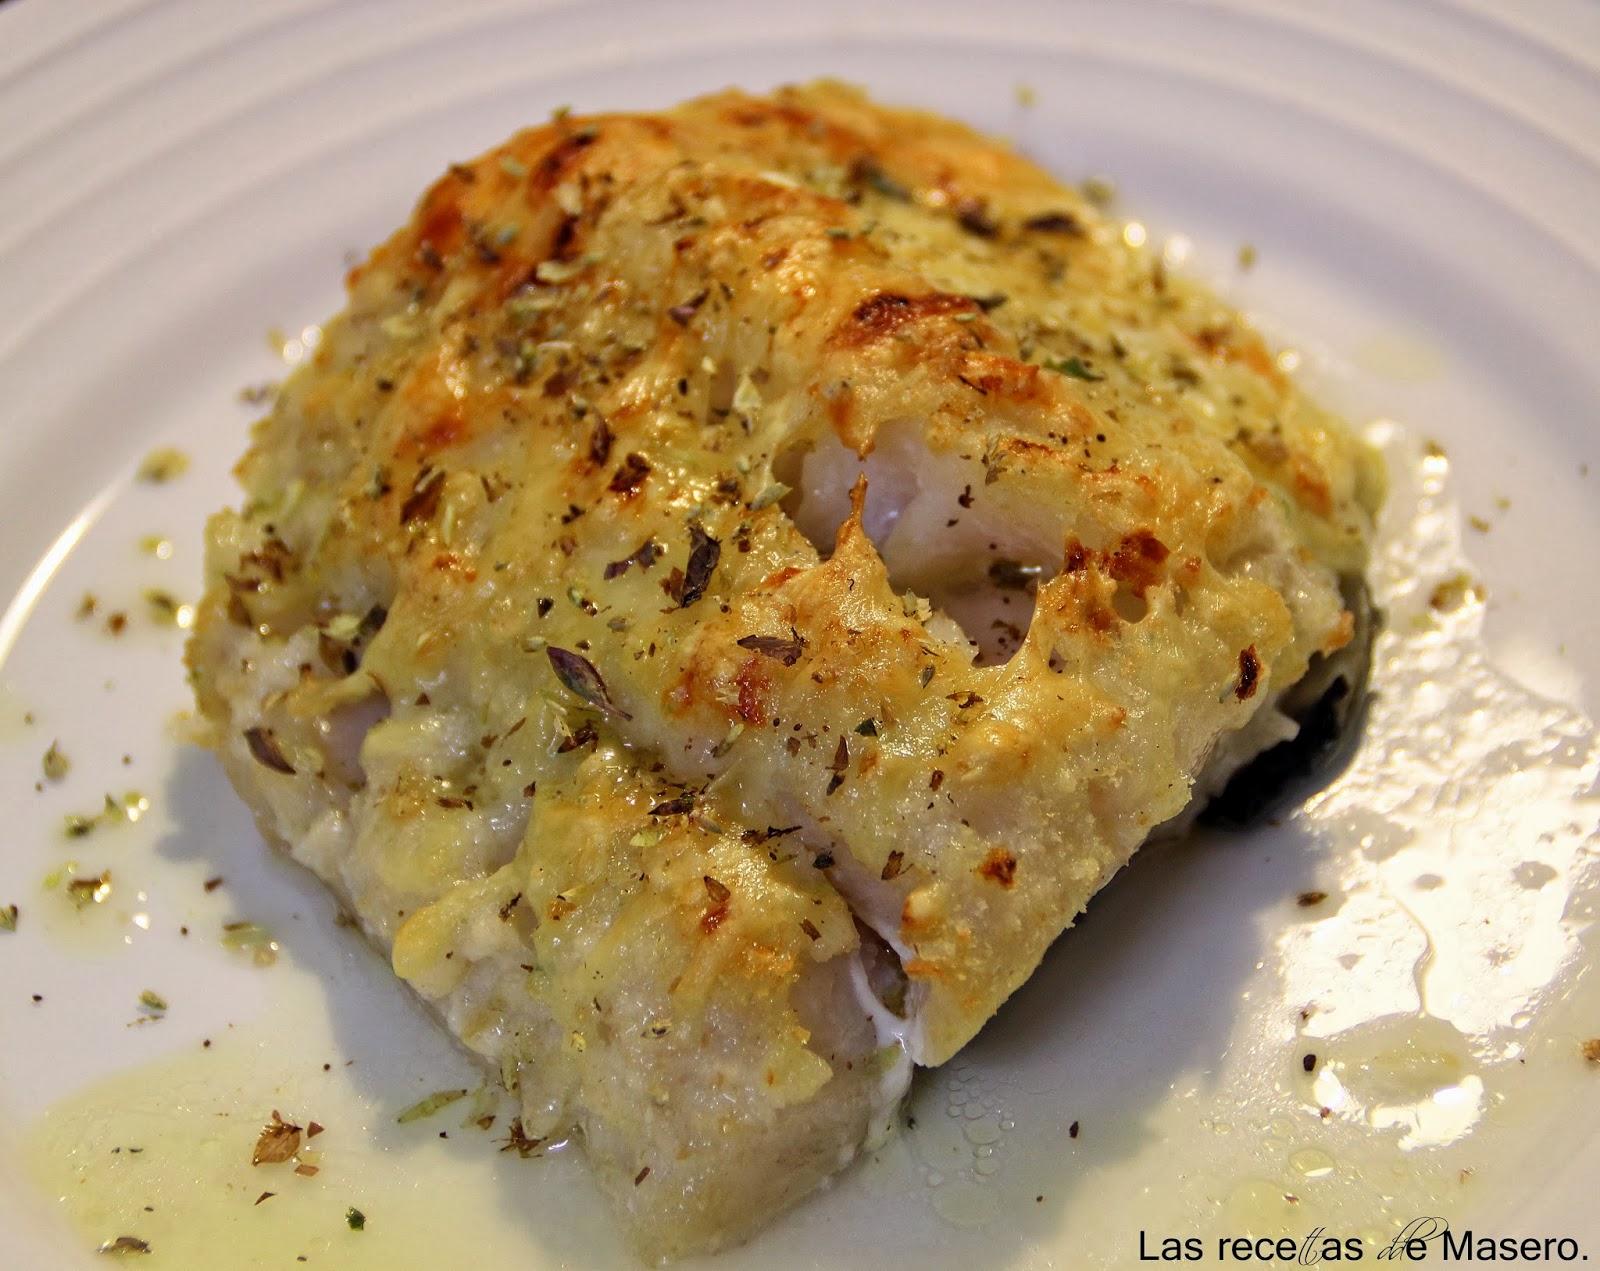 Las recetas de masero bacalao al horno for Como cocinar bacalao al horno